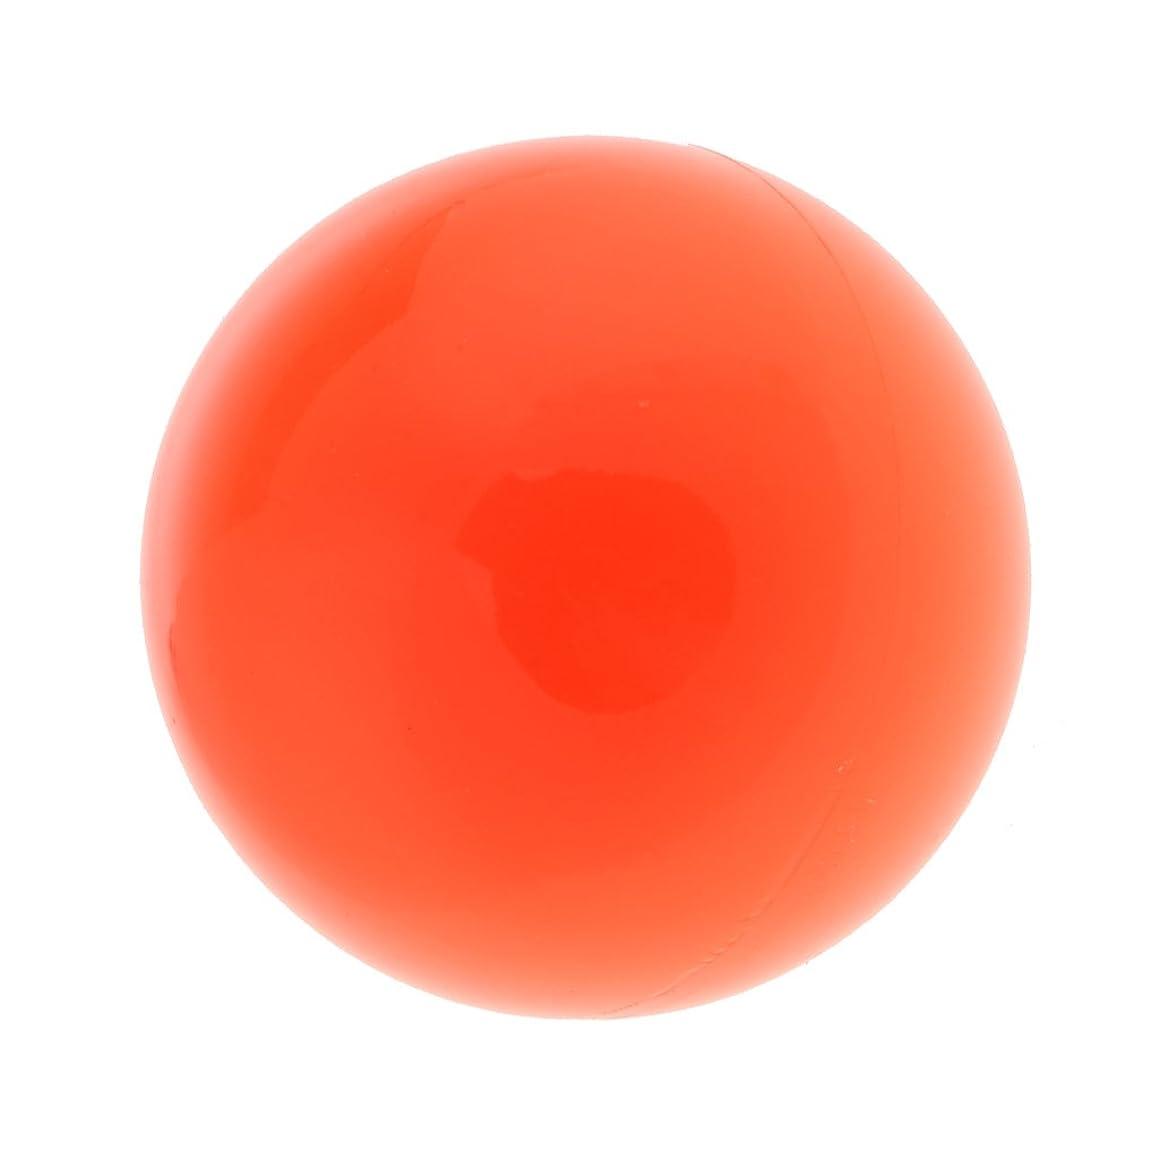 魅力空虚花弁dailymall ジムホームエクササイズマッスルエクササイズフィットネスワークアウト用ソフトマッサージボール